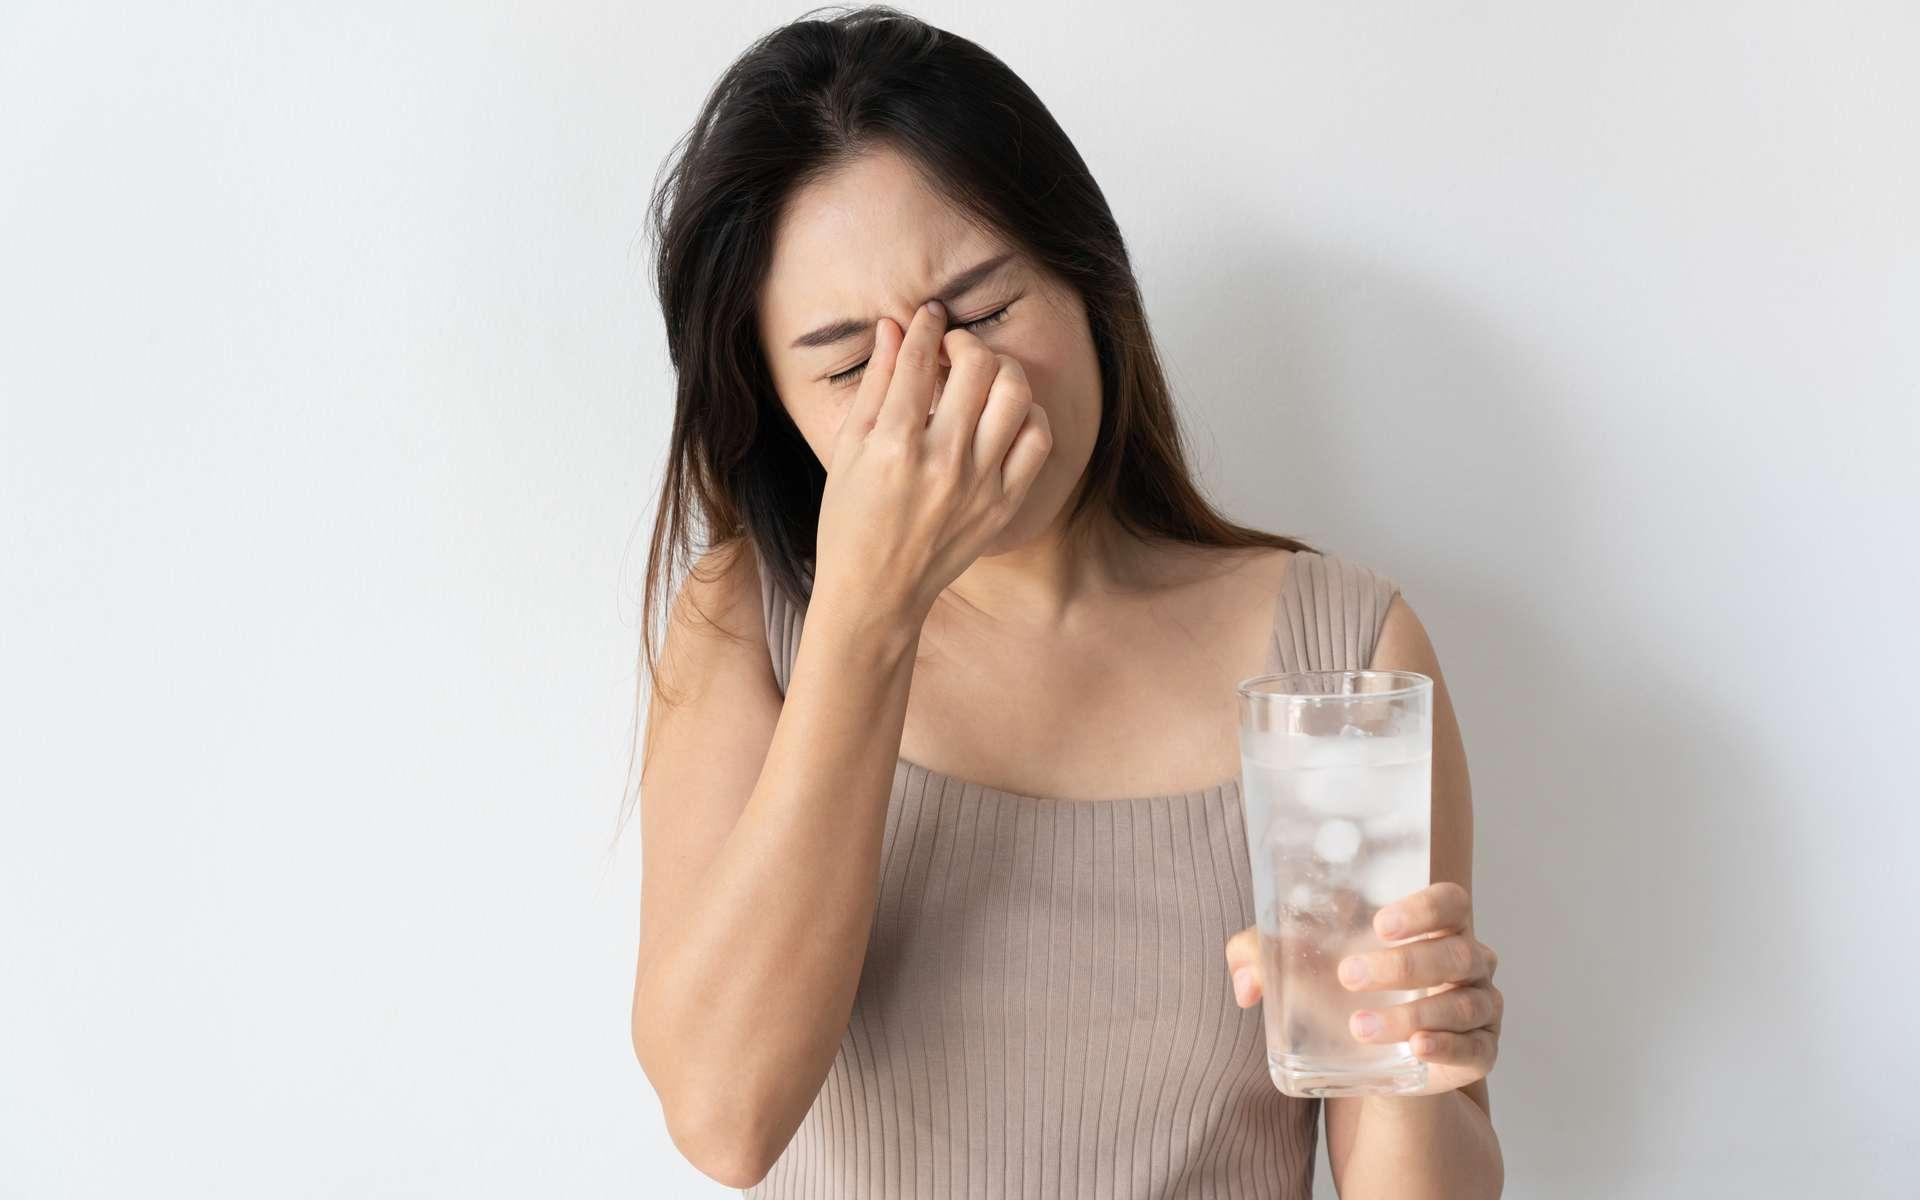 Jeune femme ressentant un terrible mal de tête ou « brain freeze » après avoir bu un verre d'eau glacé. © Pattarisara, Adobe Stock